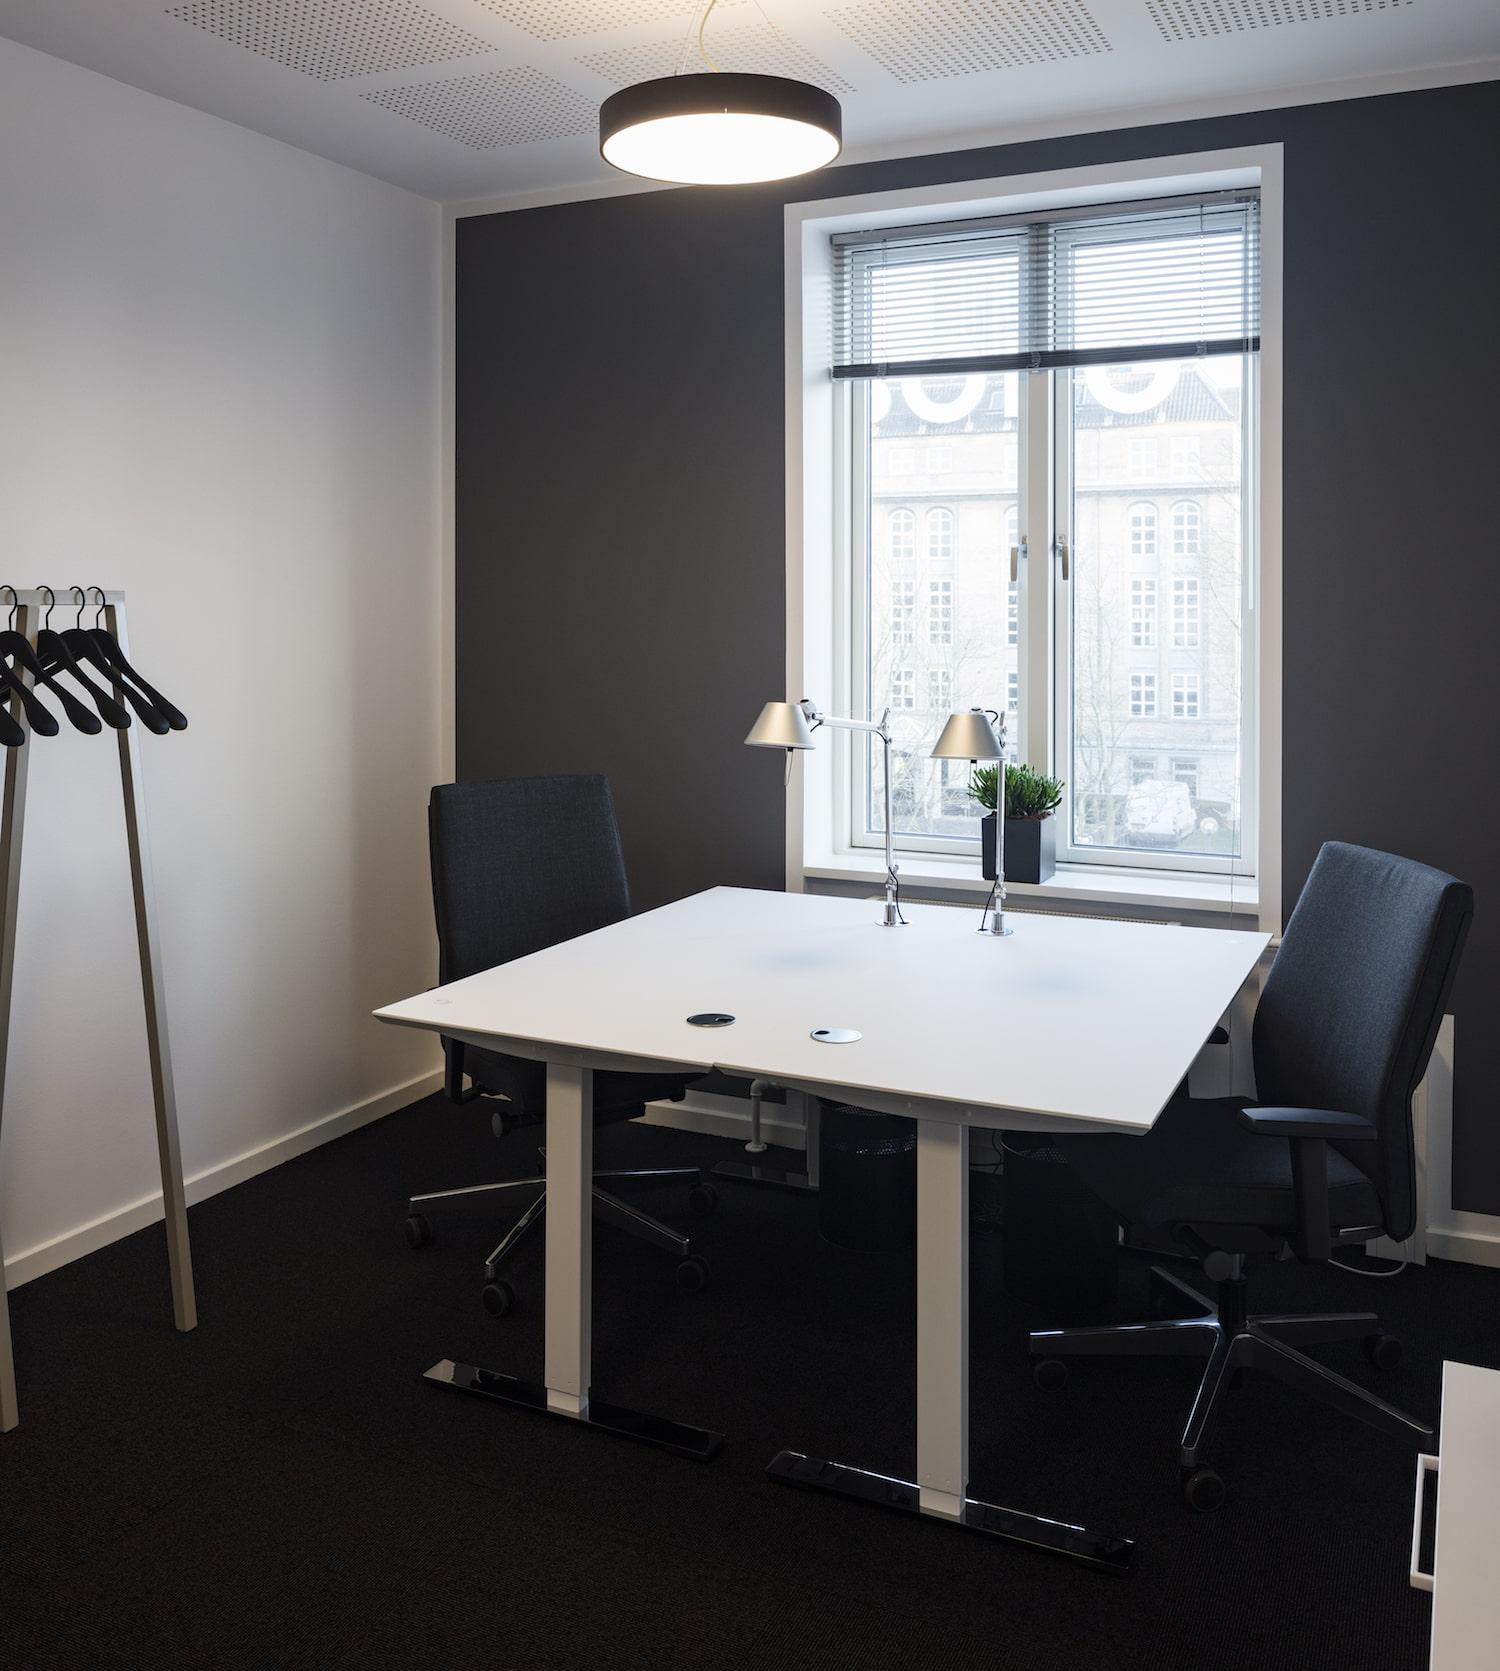 Indflytningsklart og møbleret 2-personers kontor